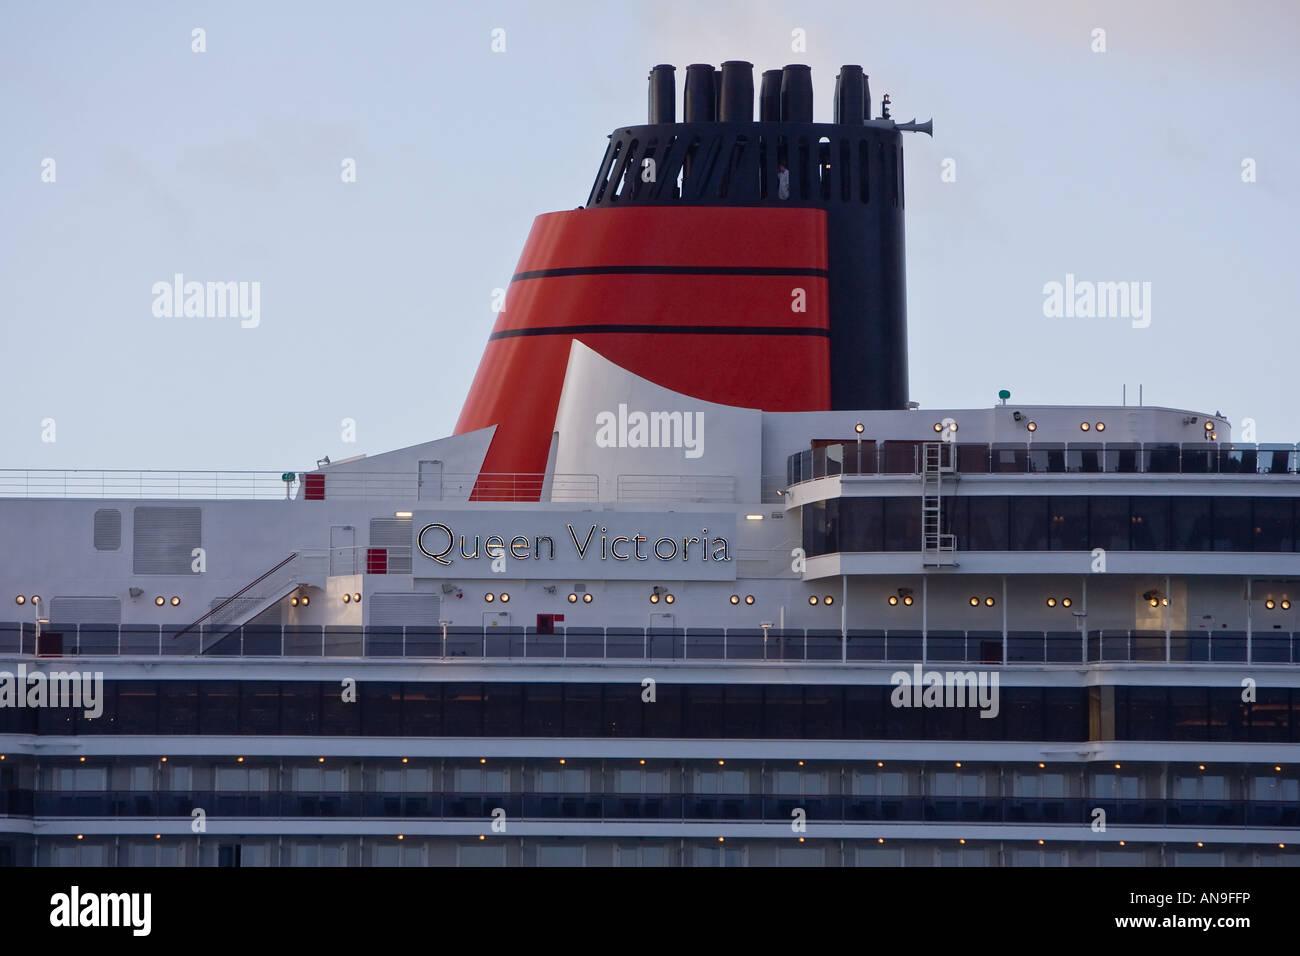 cunard cruise ship queen victoria sails into southampton